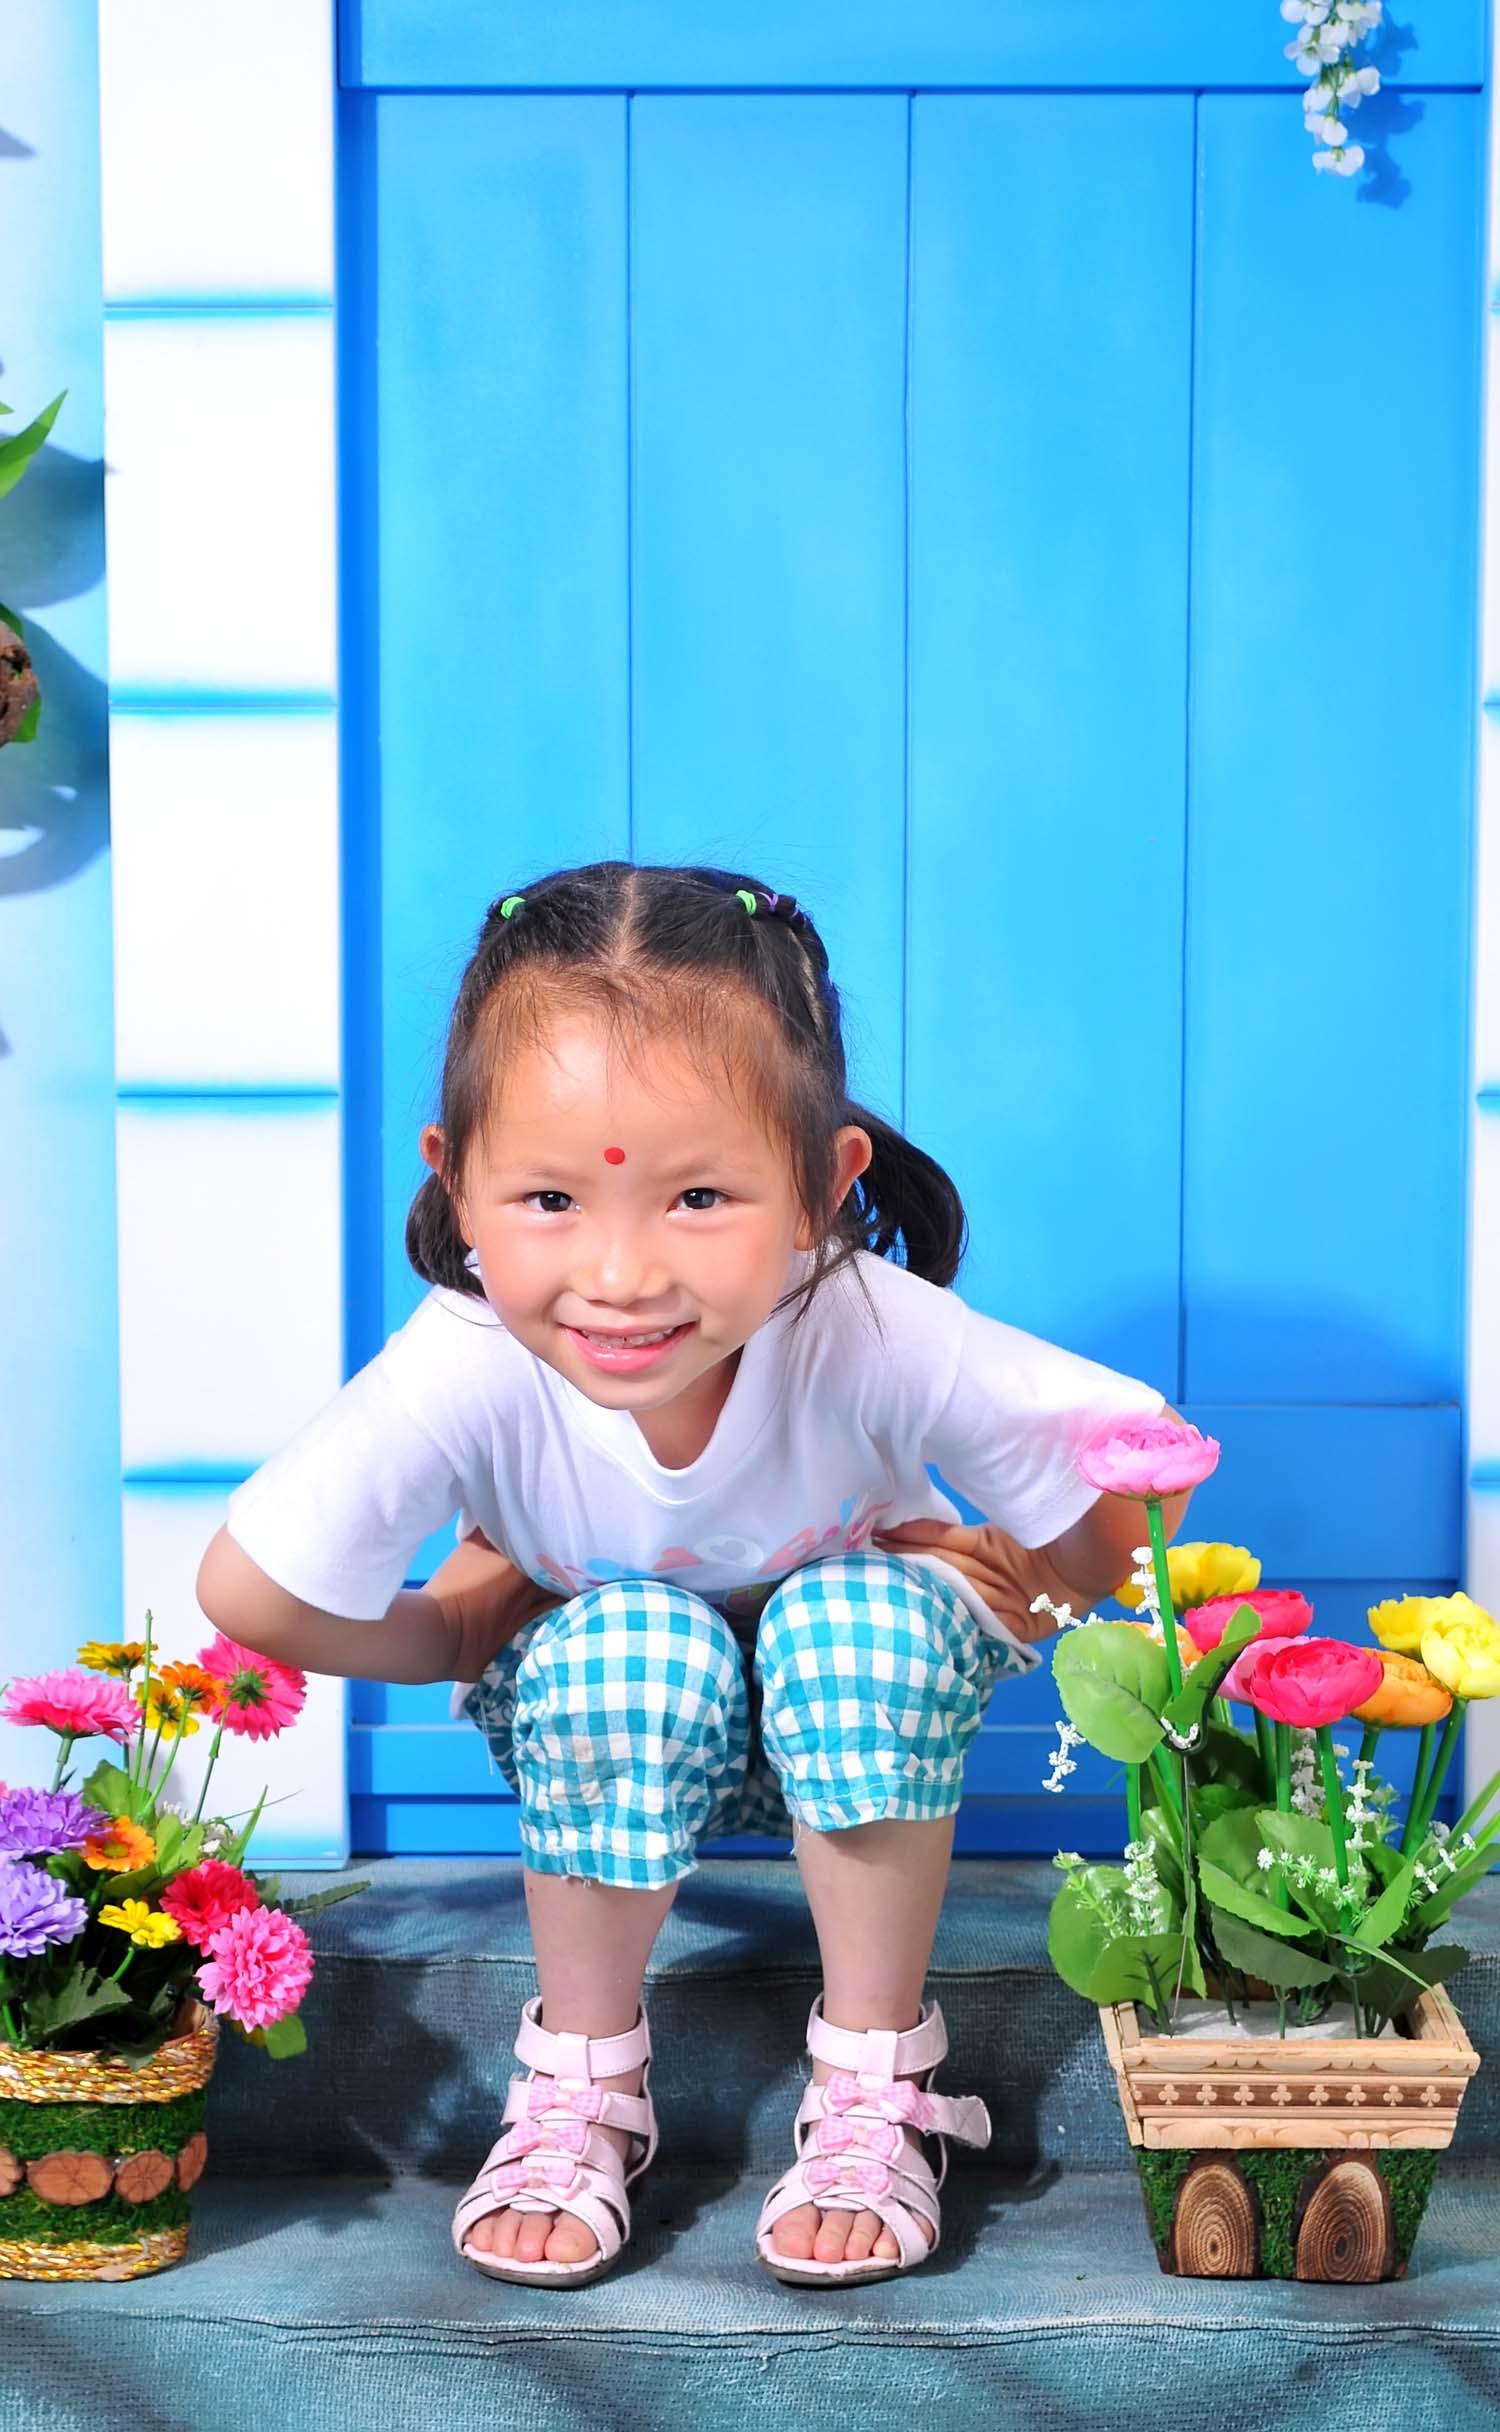 可爱的小女孩